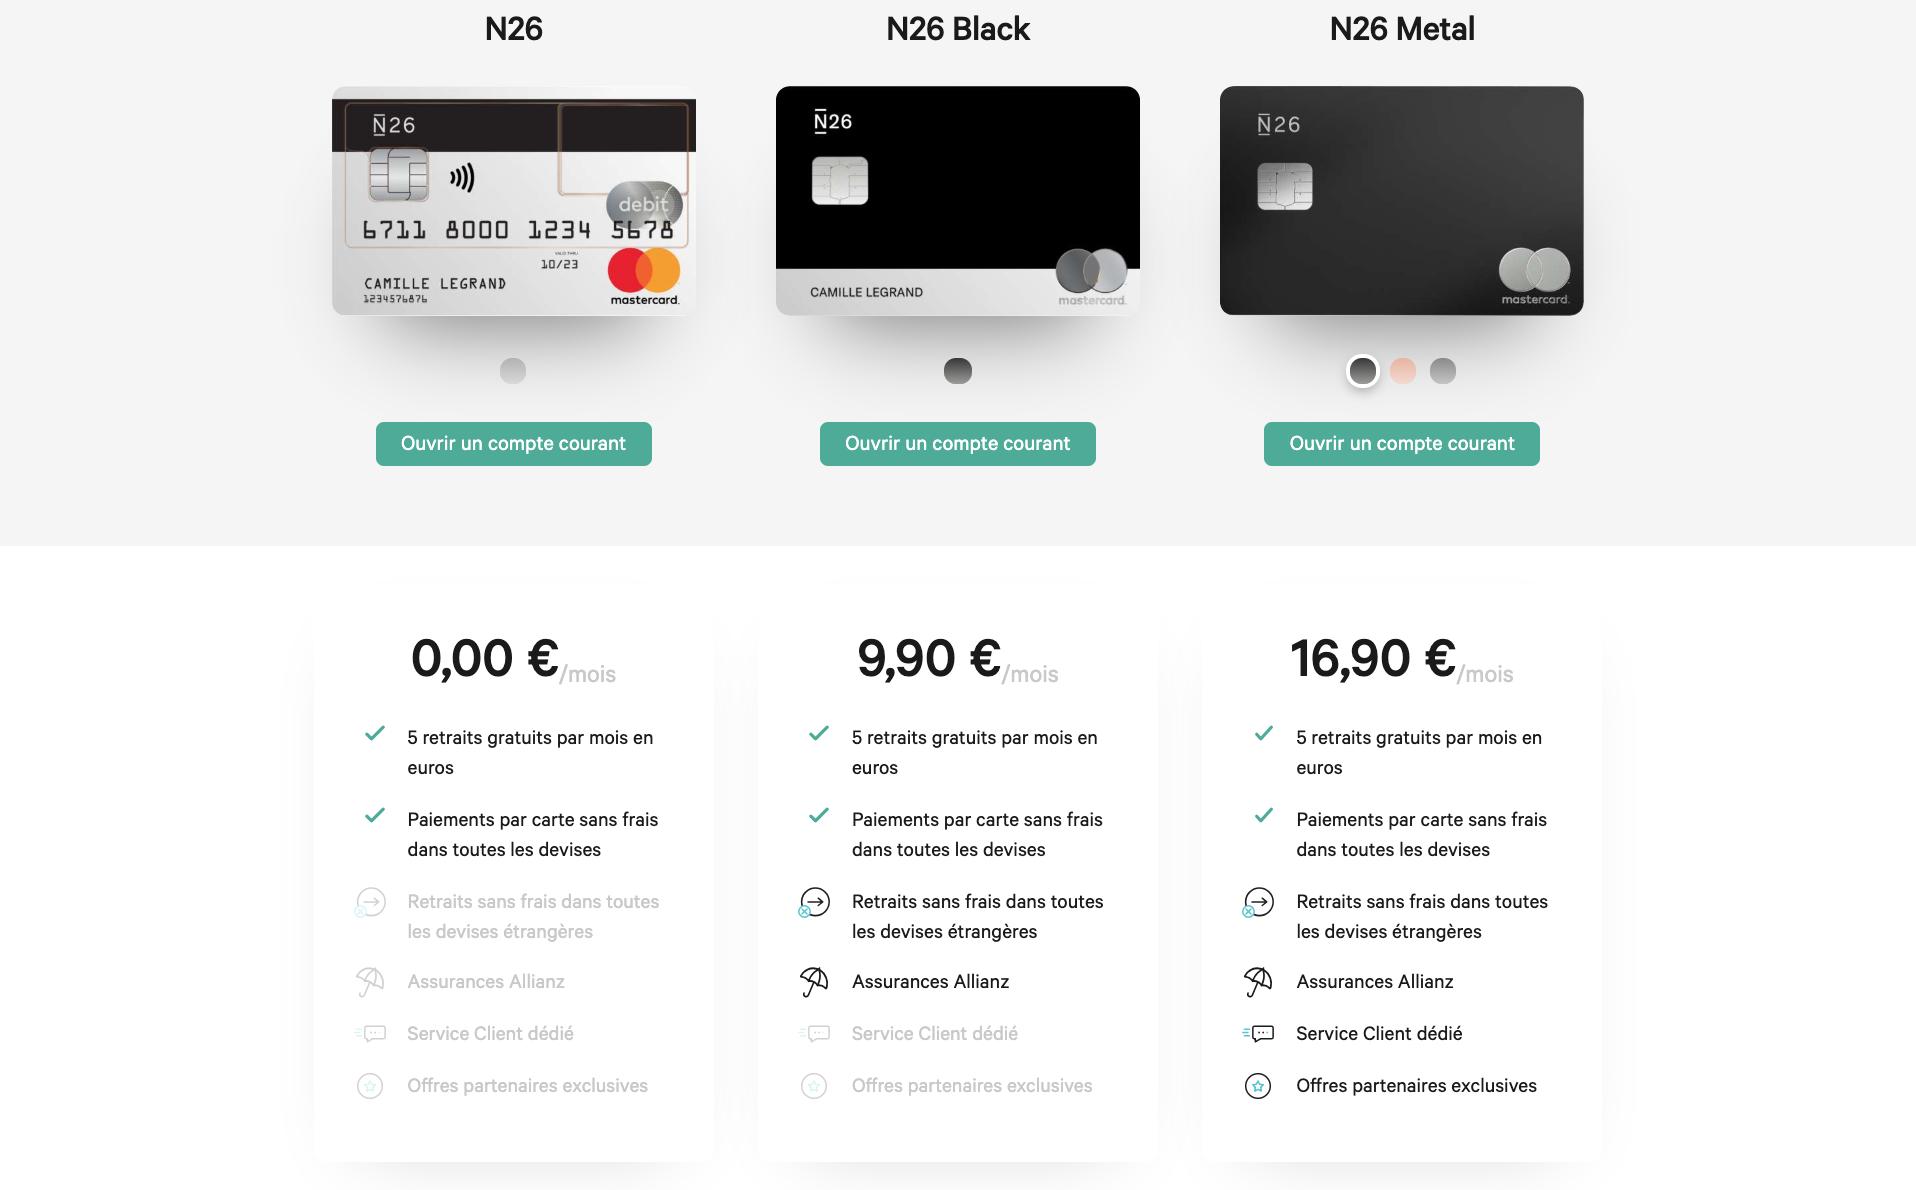 N26-banque-voyage-etranger-tarifs